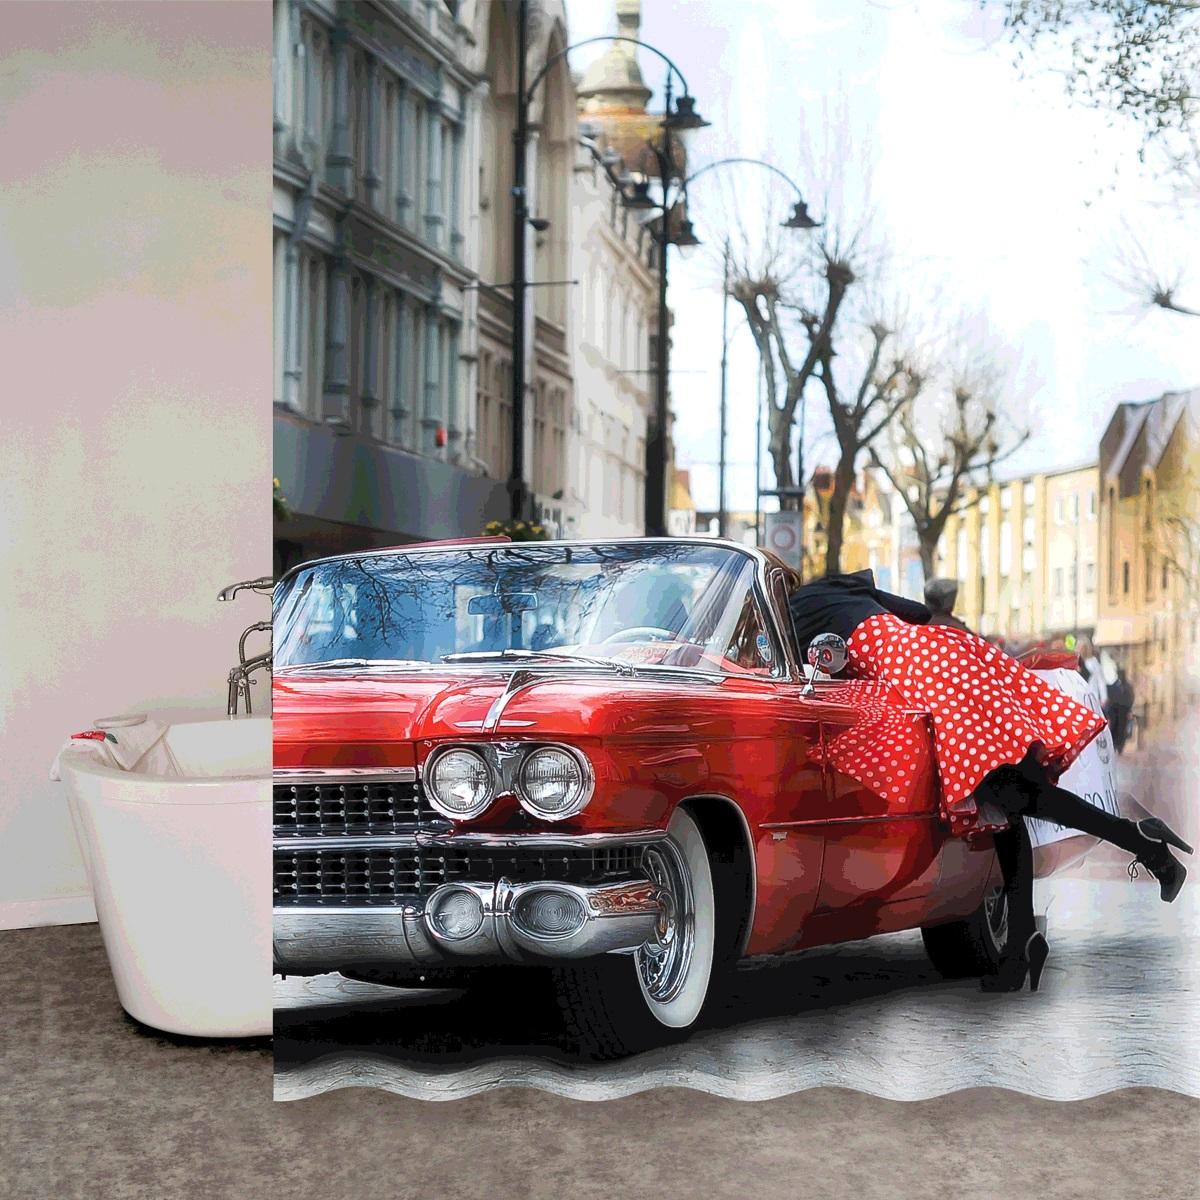 Штора для ванной Iddis Vintage Moments, цвет: серый, красный, 180 x 200 см670P18Ri11Штора для ванной комнаты Iddis выполнена из быстросохнущего материала - 100% полиэстера, что обеспечивает прочность изделия и легкость ухода за ним.Материал шторы пропитан специальным водоотталкивающим составом Waterprof.Изделие изготовлено из экологически-чистого материала, оно обладает высокой степенью гигиеничности, не вызывает аллергических реакций.Штора имеет 12 металлических люверсов и утяжеляющую нить. В комплекте: штора и кольца.